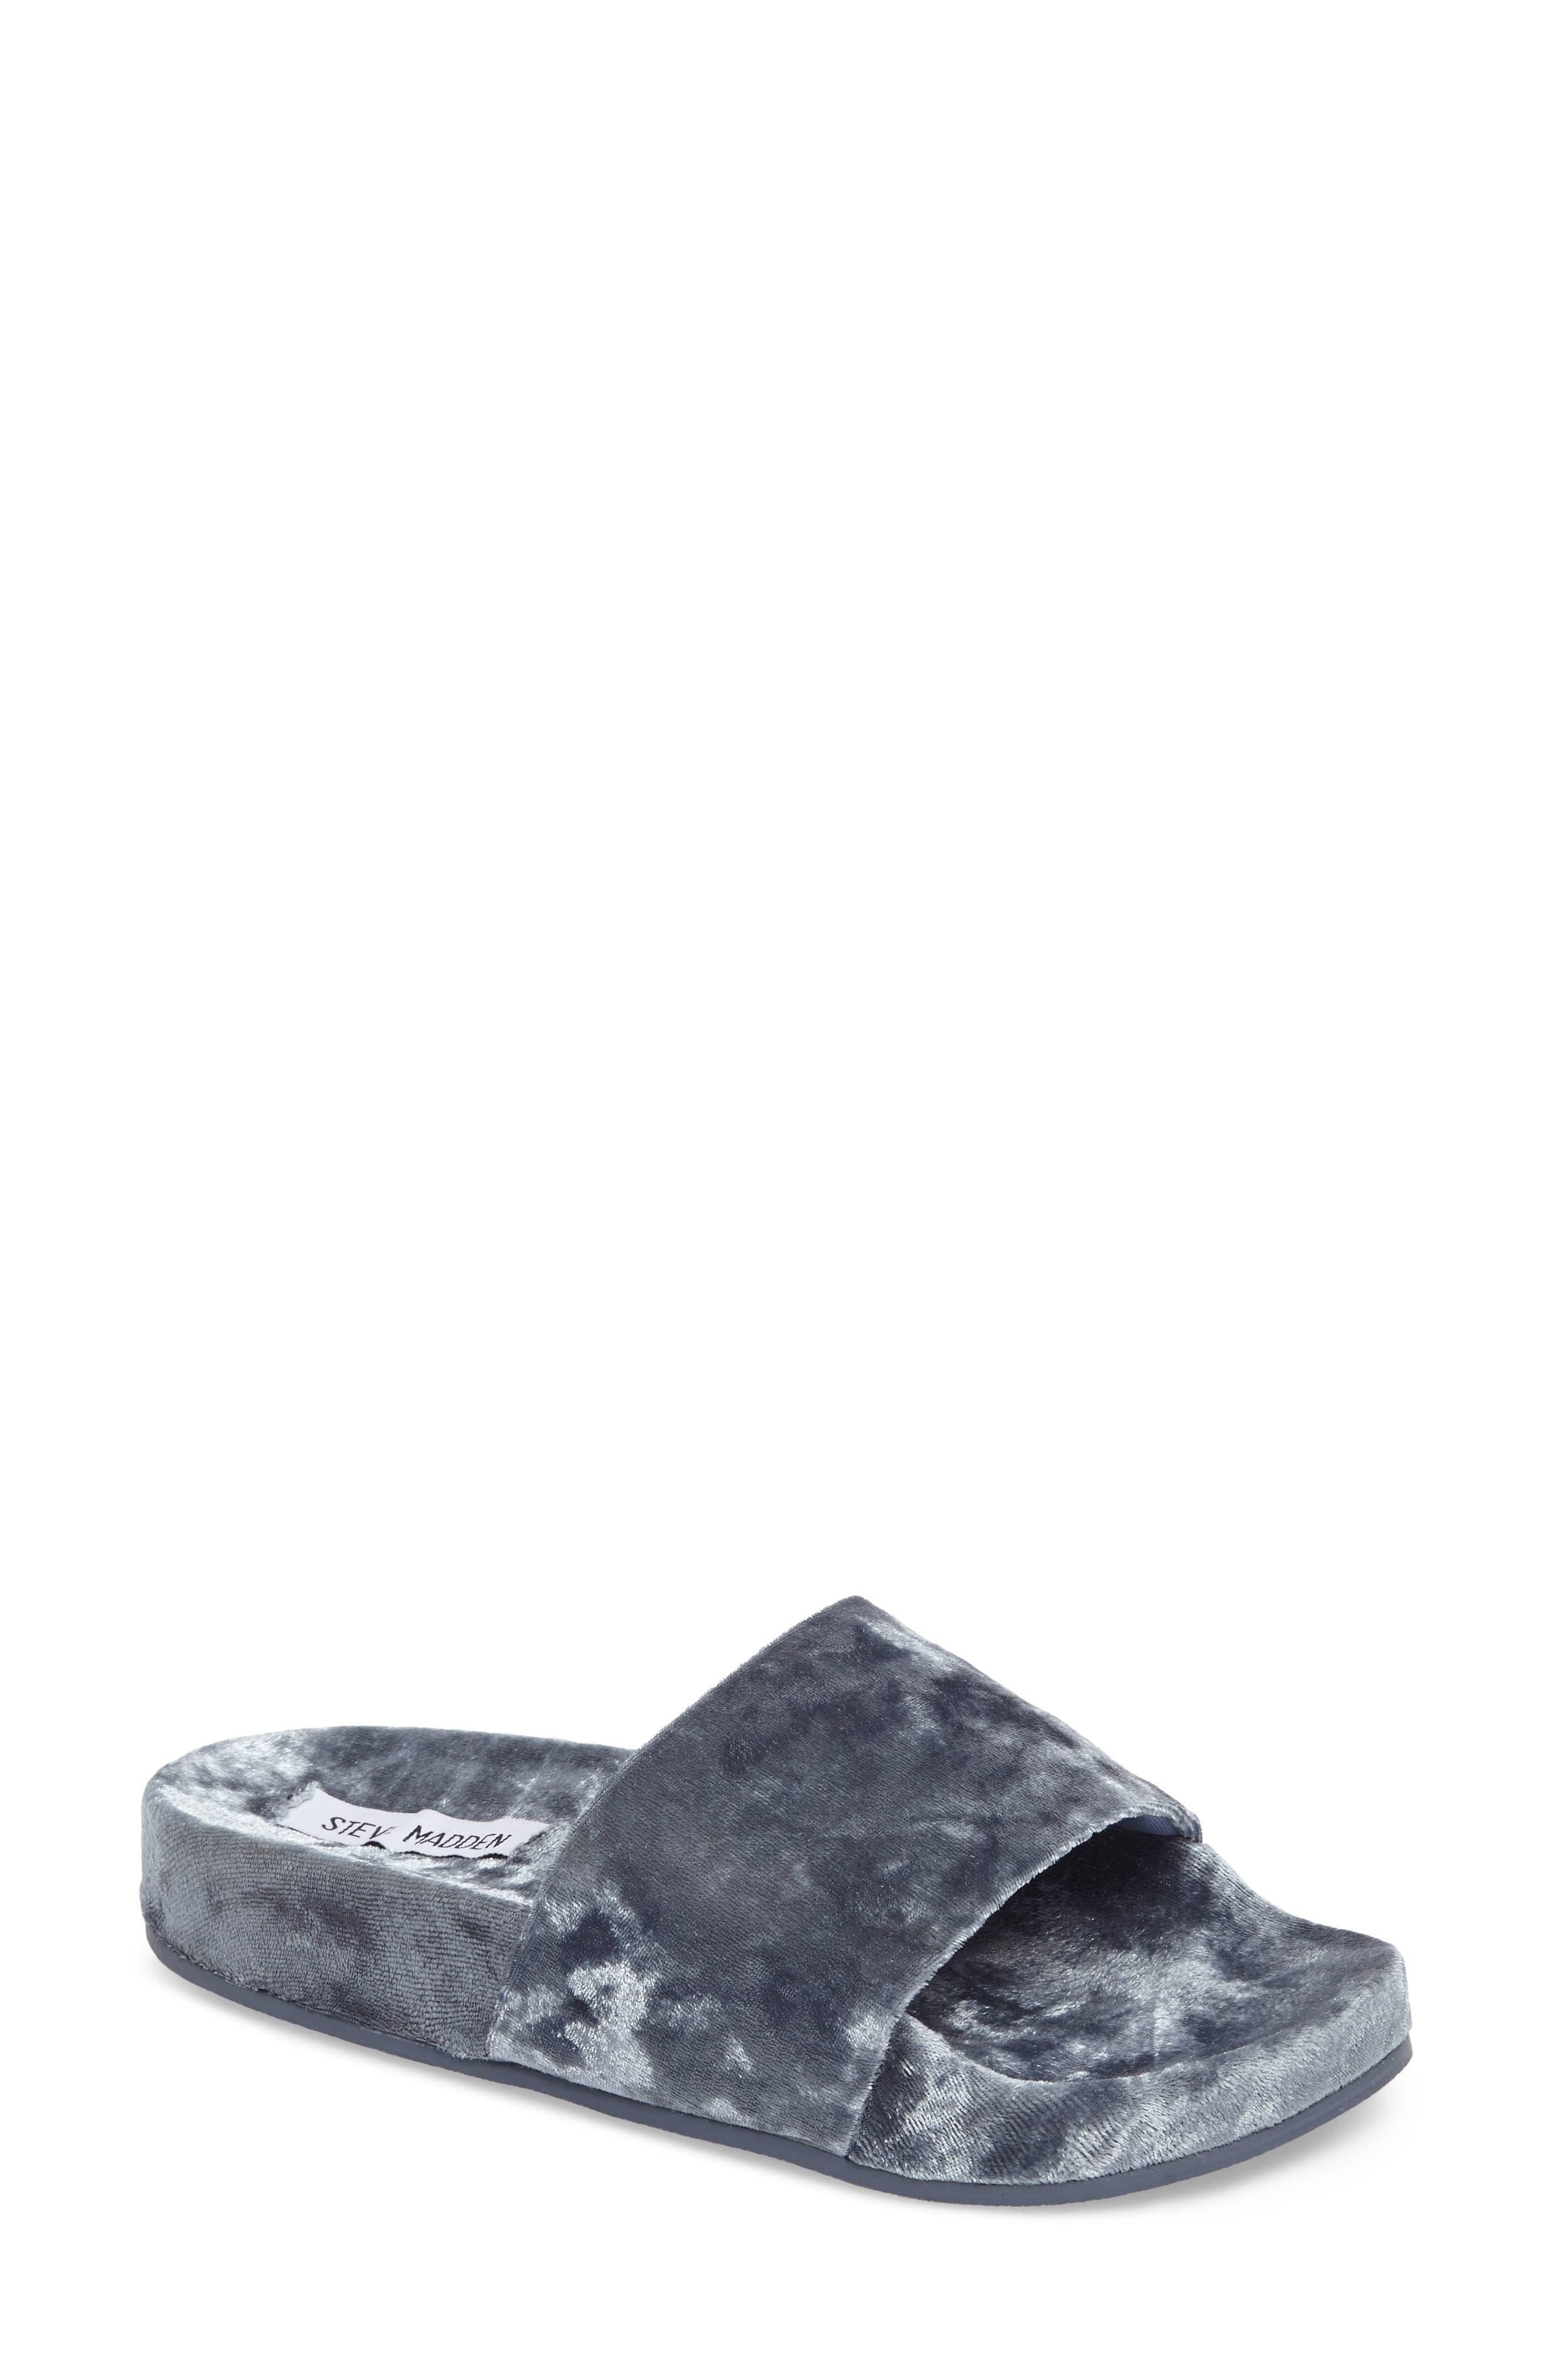 Alternate Image 1 Selected - Steve Madden Slush Velvet Slide Sandal (Women)